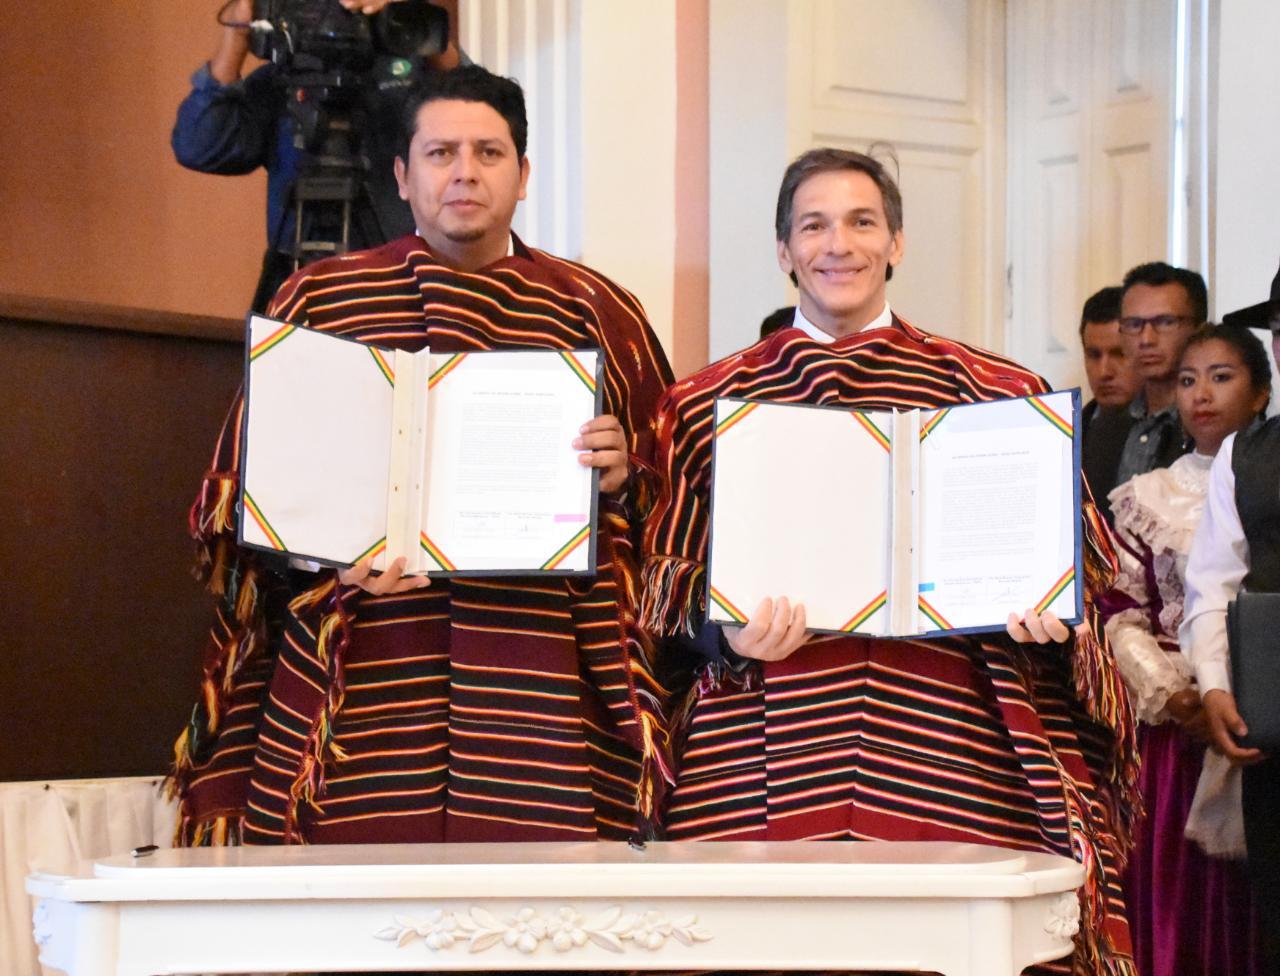 Acuerdos firmados para proyecto Yapucaiti y Área Carandaiti en Bolivia